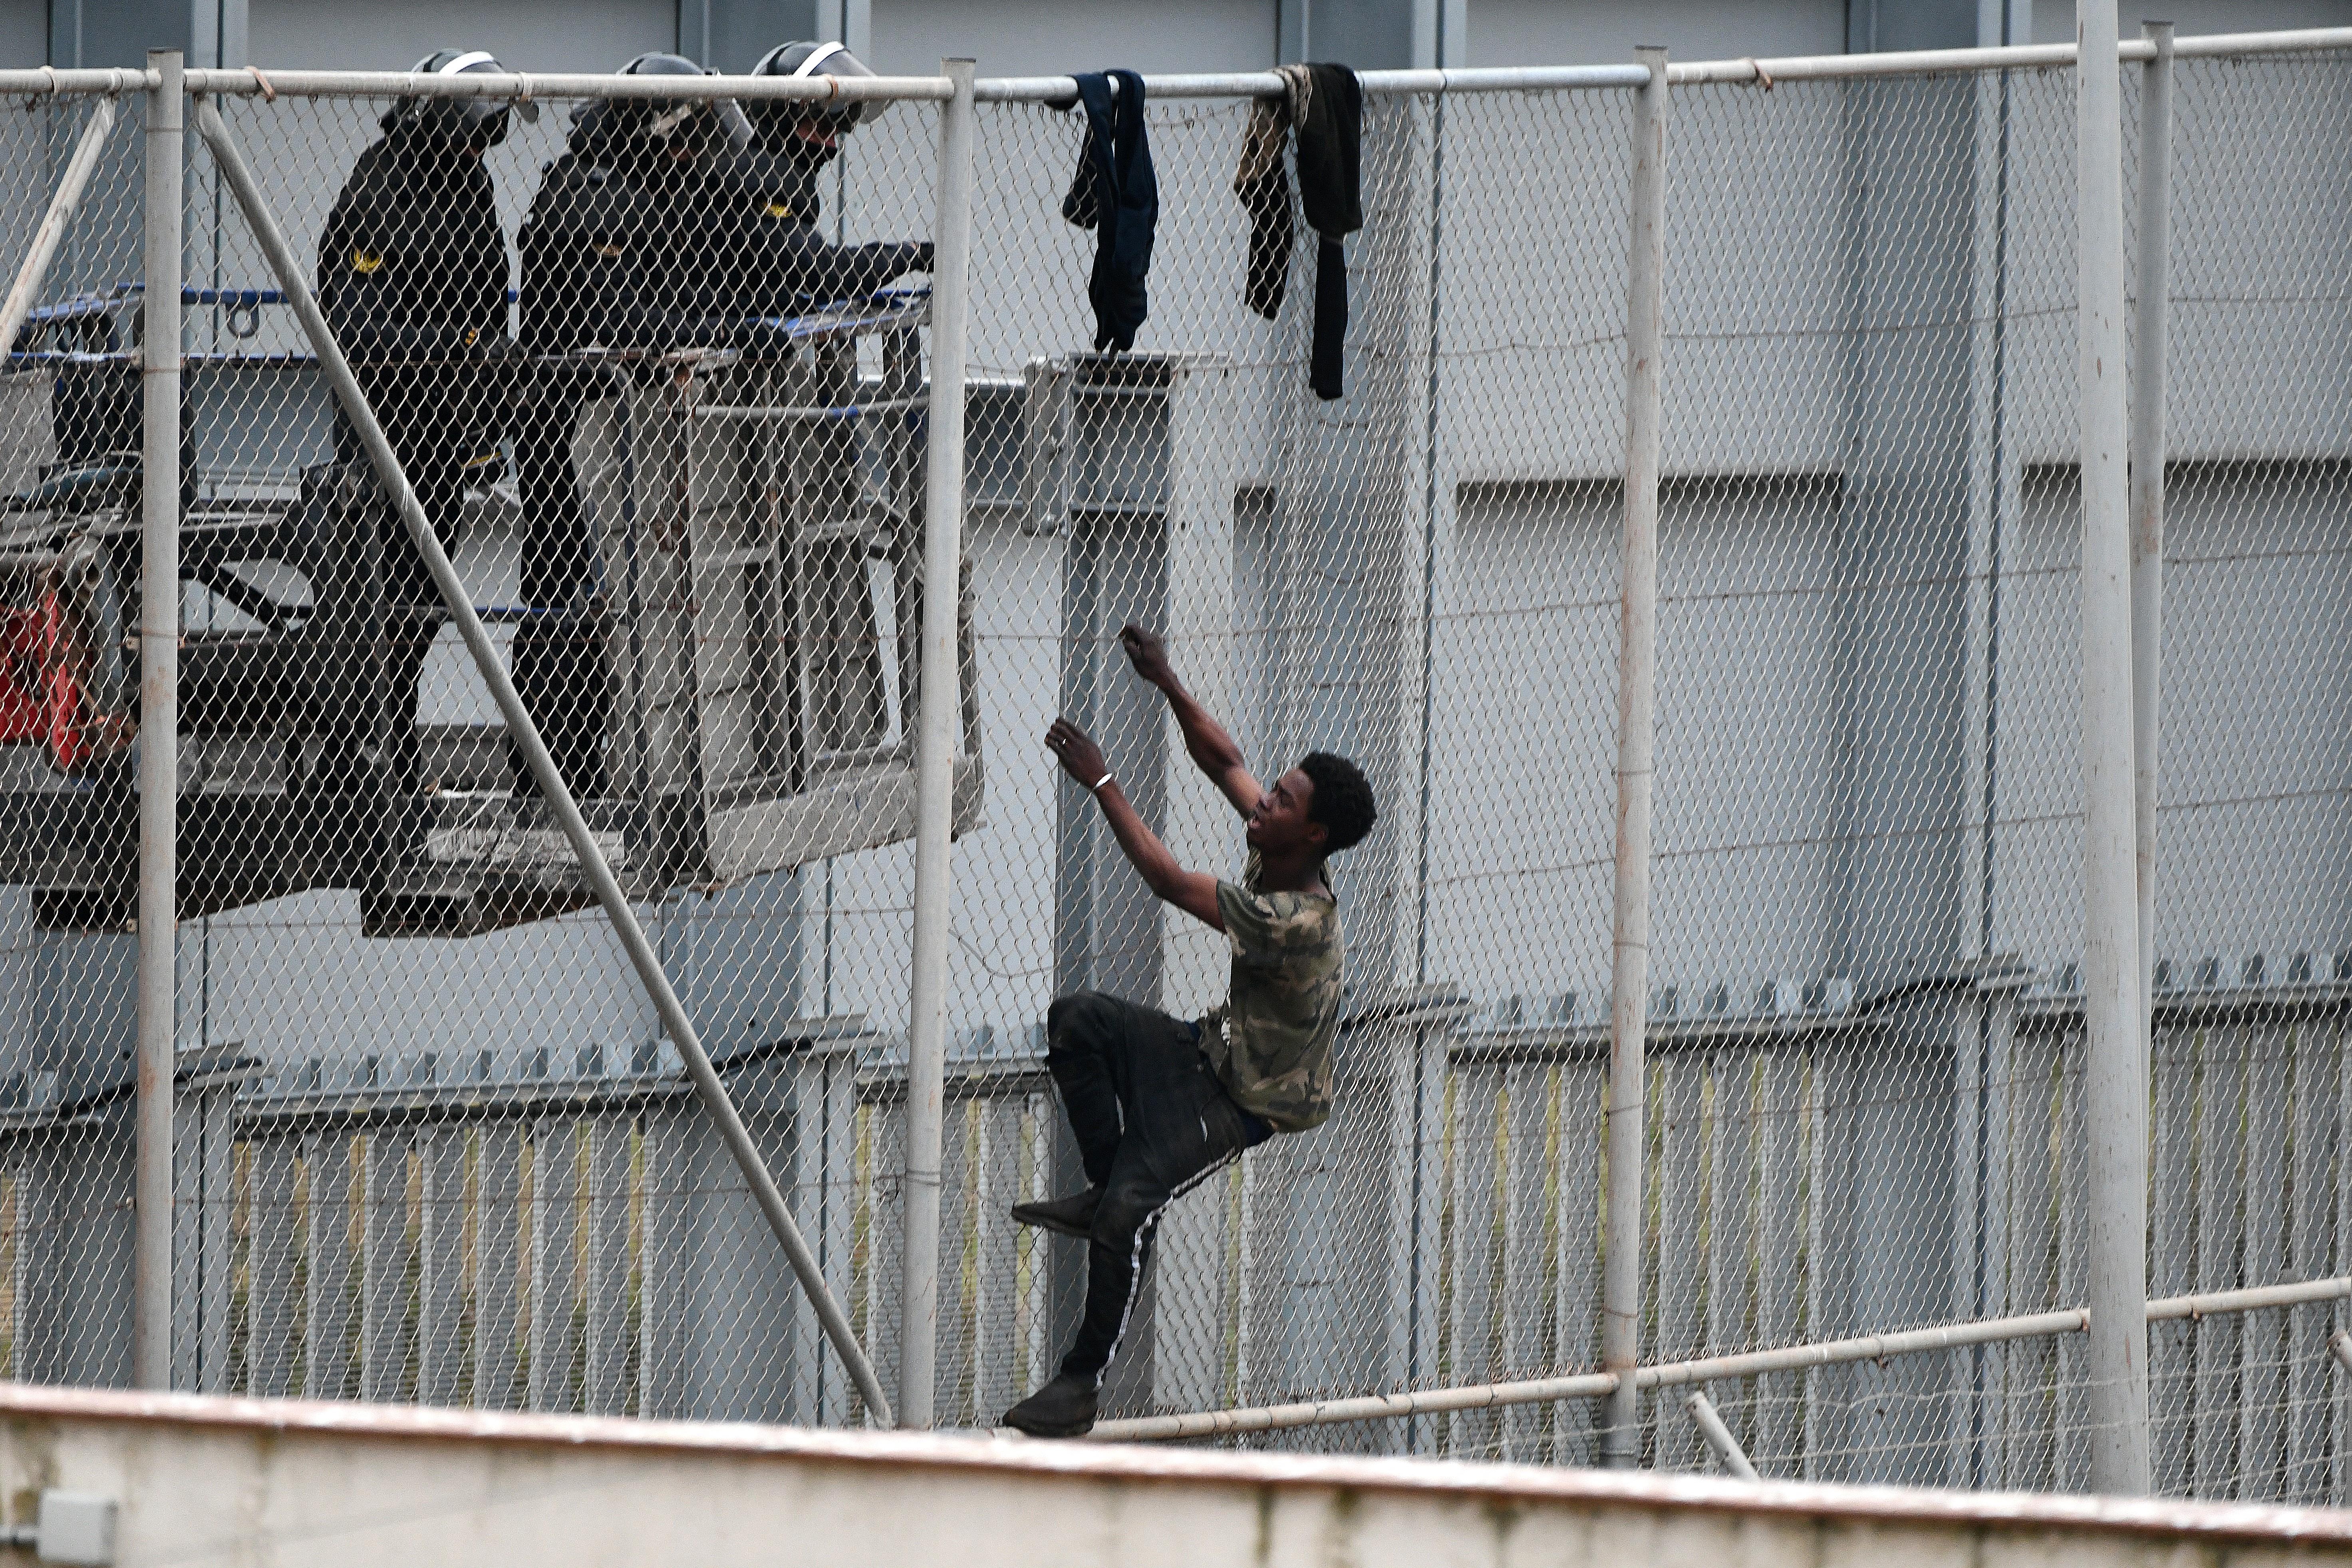 Egy nap alatt több mint 5000 bevándorló özönlötte el Spanyolország afrikai enklávéját